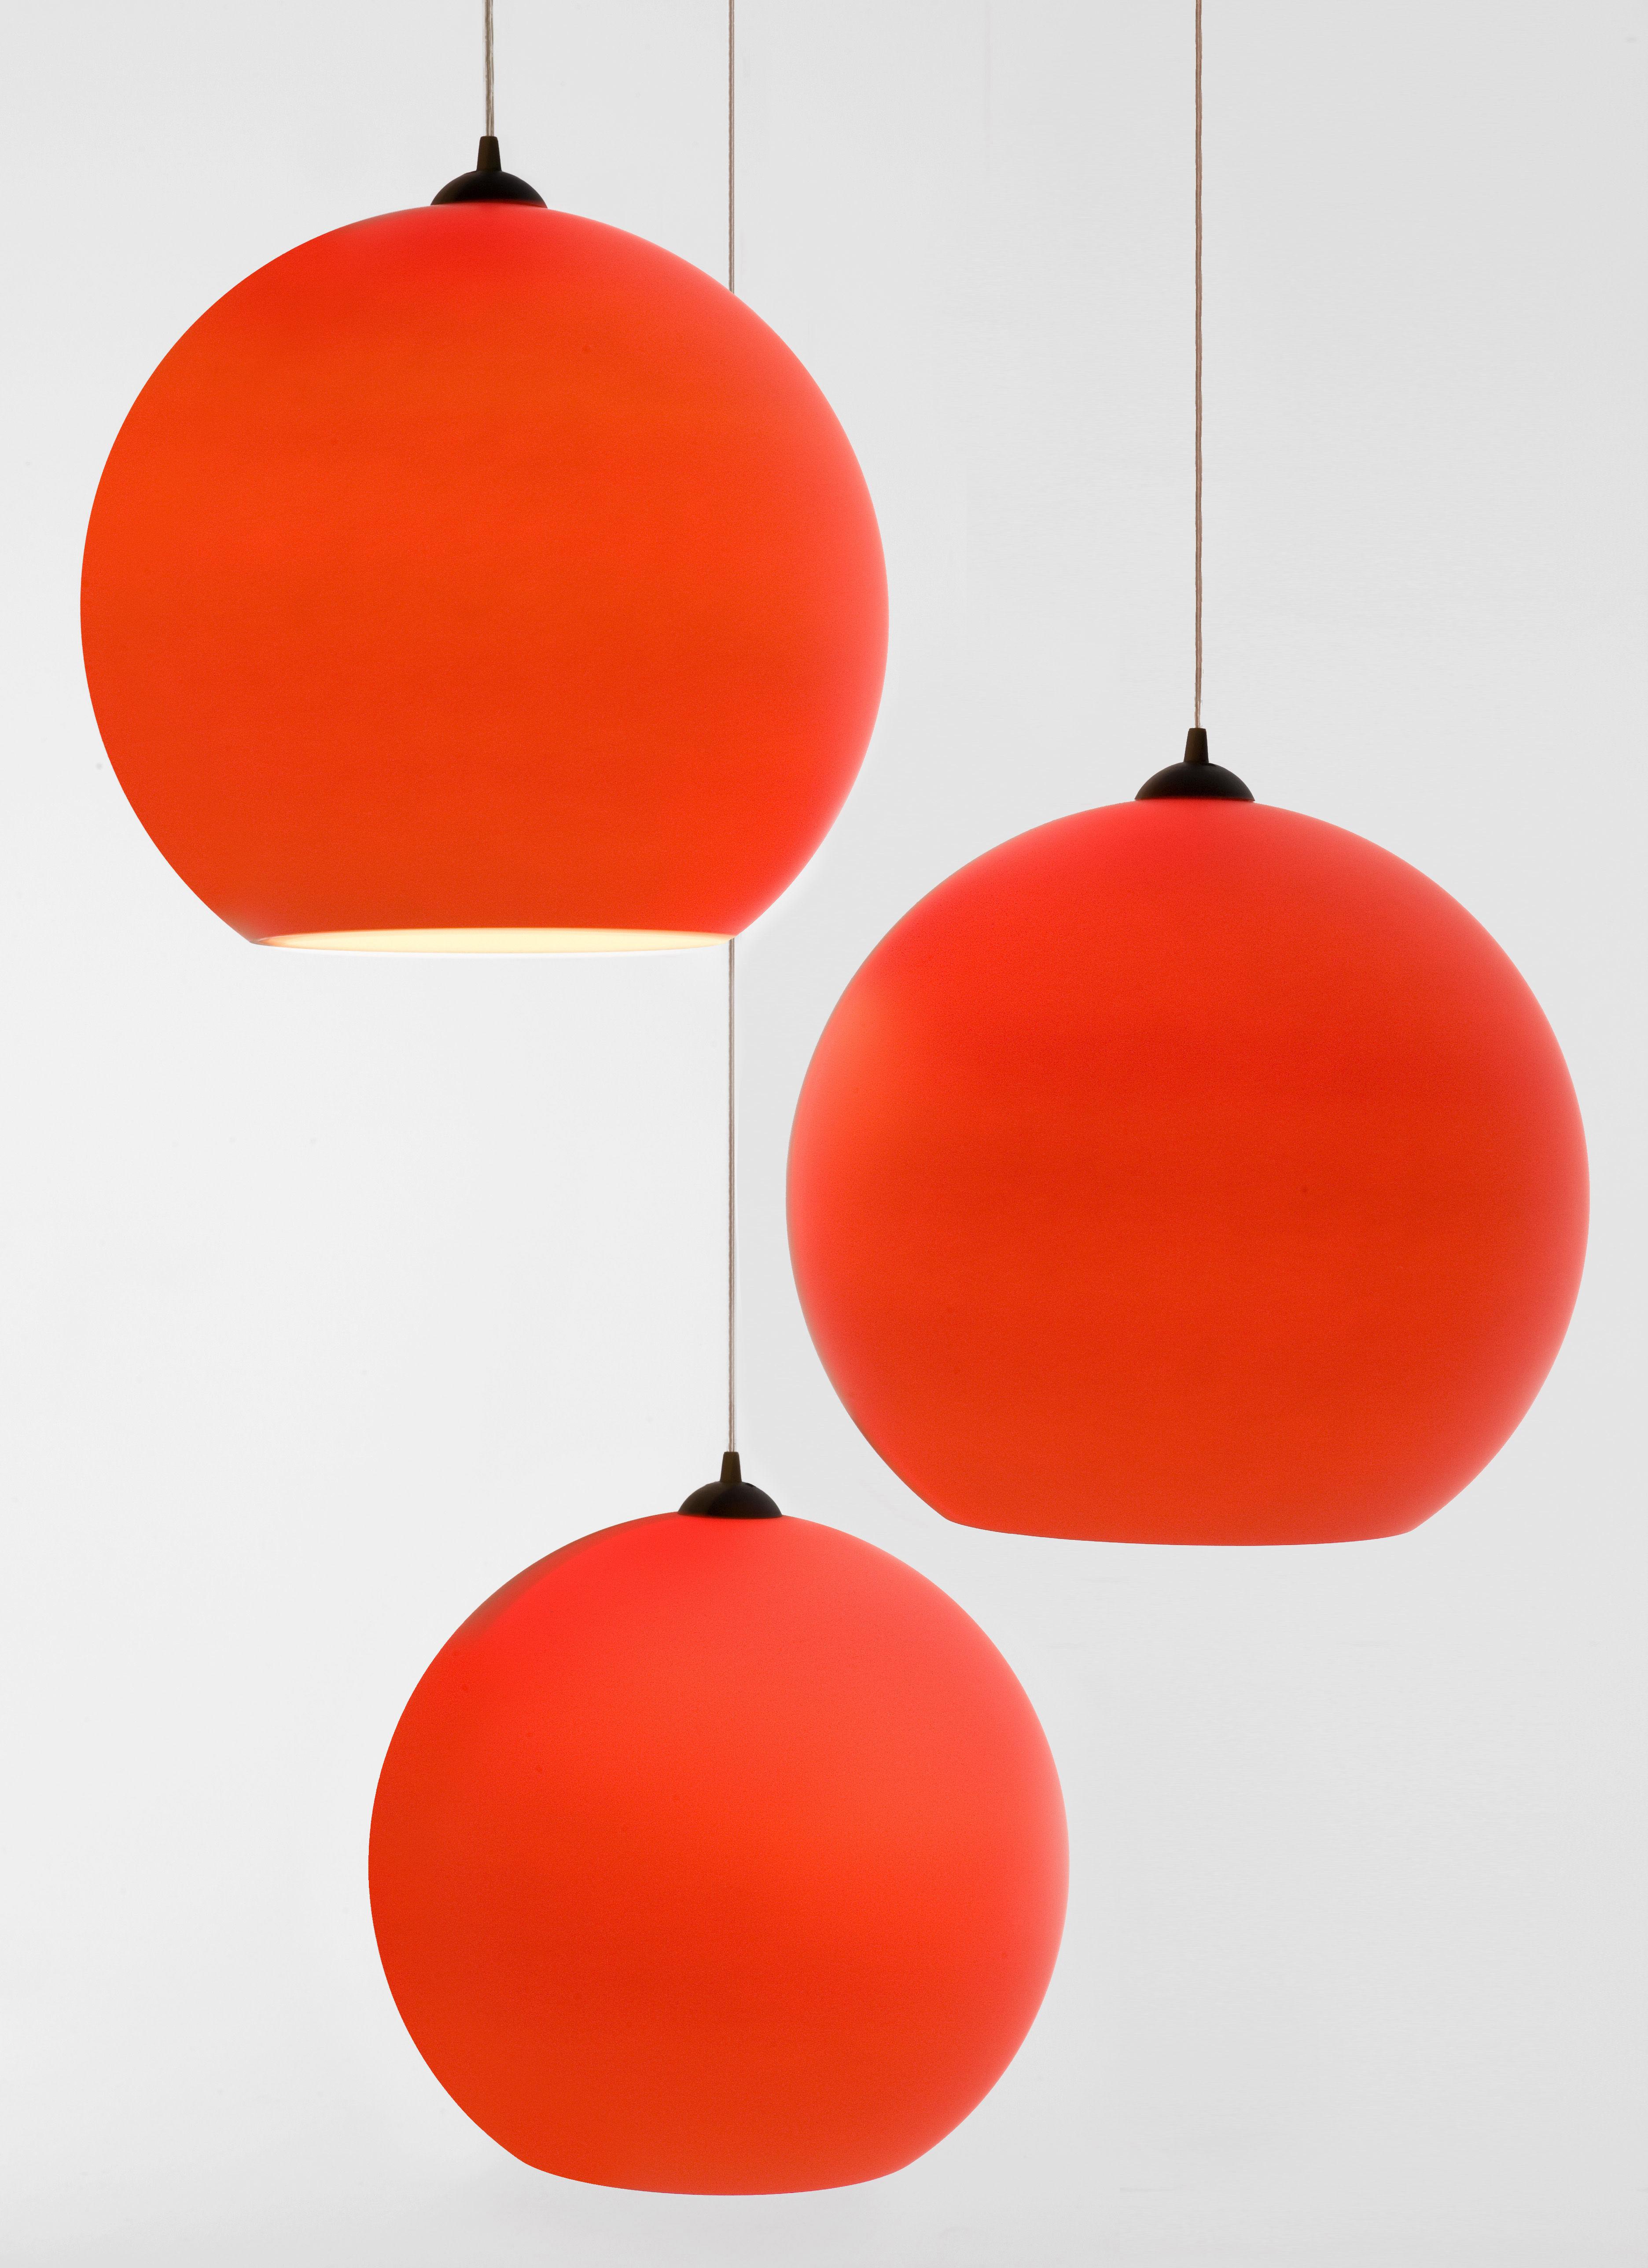 Tom Dixon Lampada Fluoro : Fluoro pendant fluorescent orange by tom dixon made in